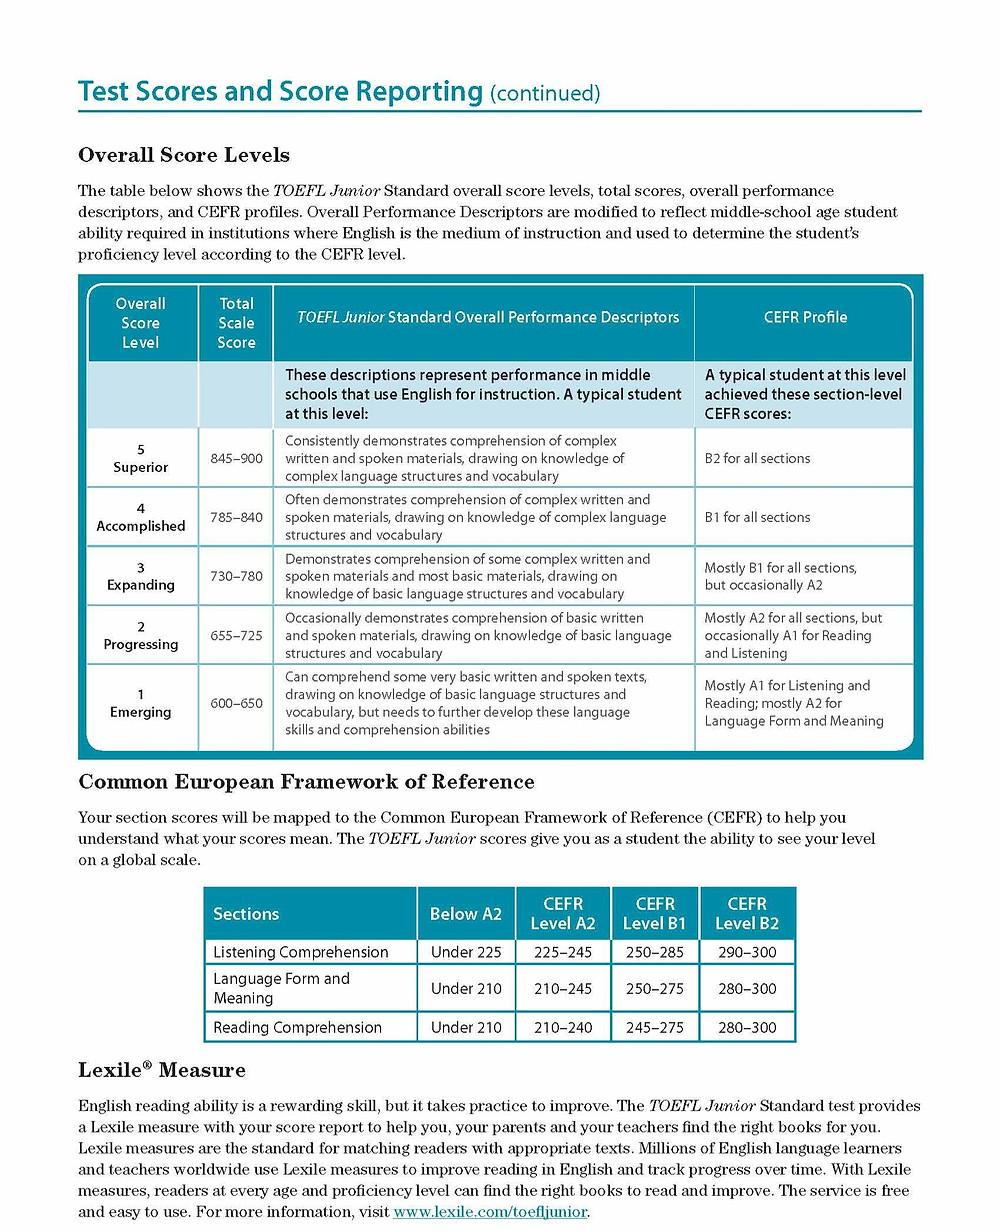 คะแนน TOEFL Junior สามารถนำไปเทียบกับมาตรฐาน CEFR ได้